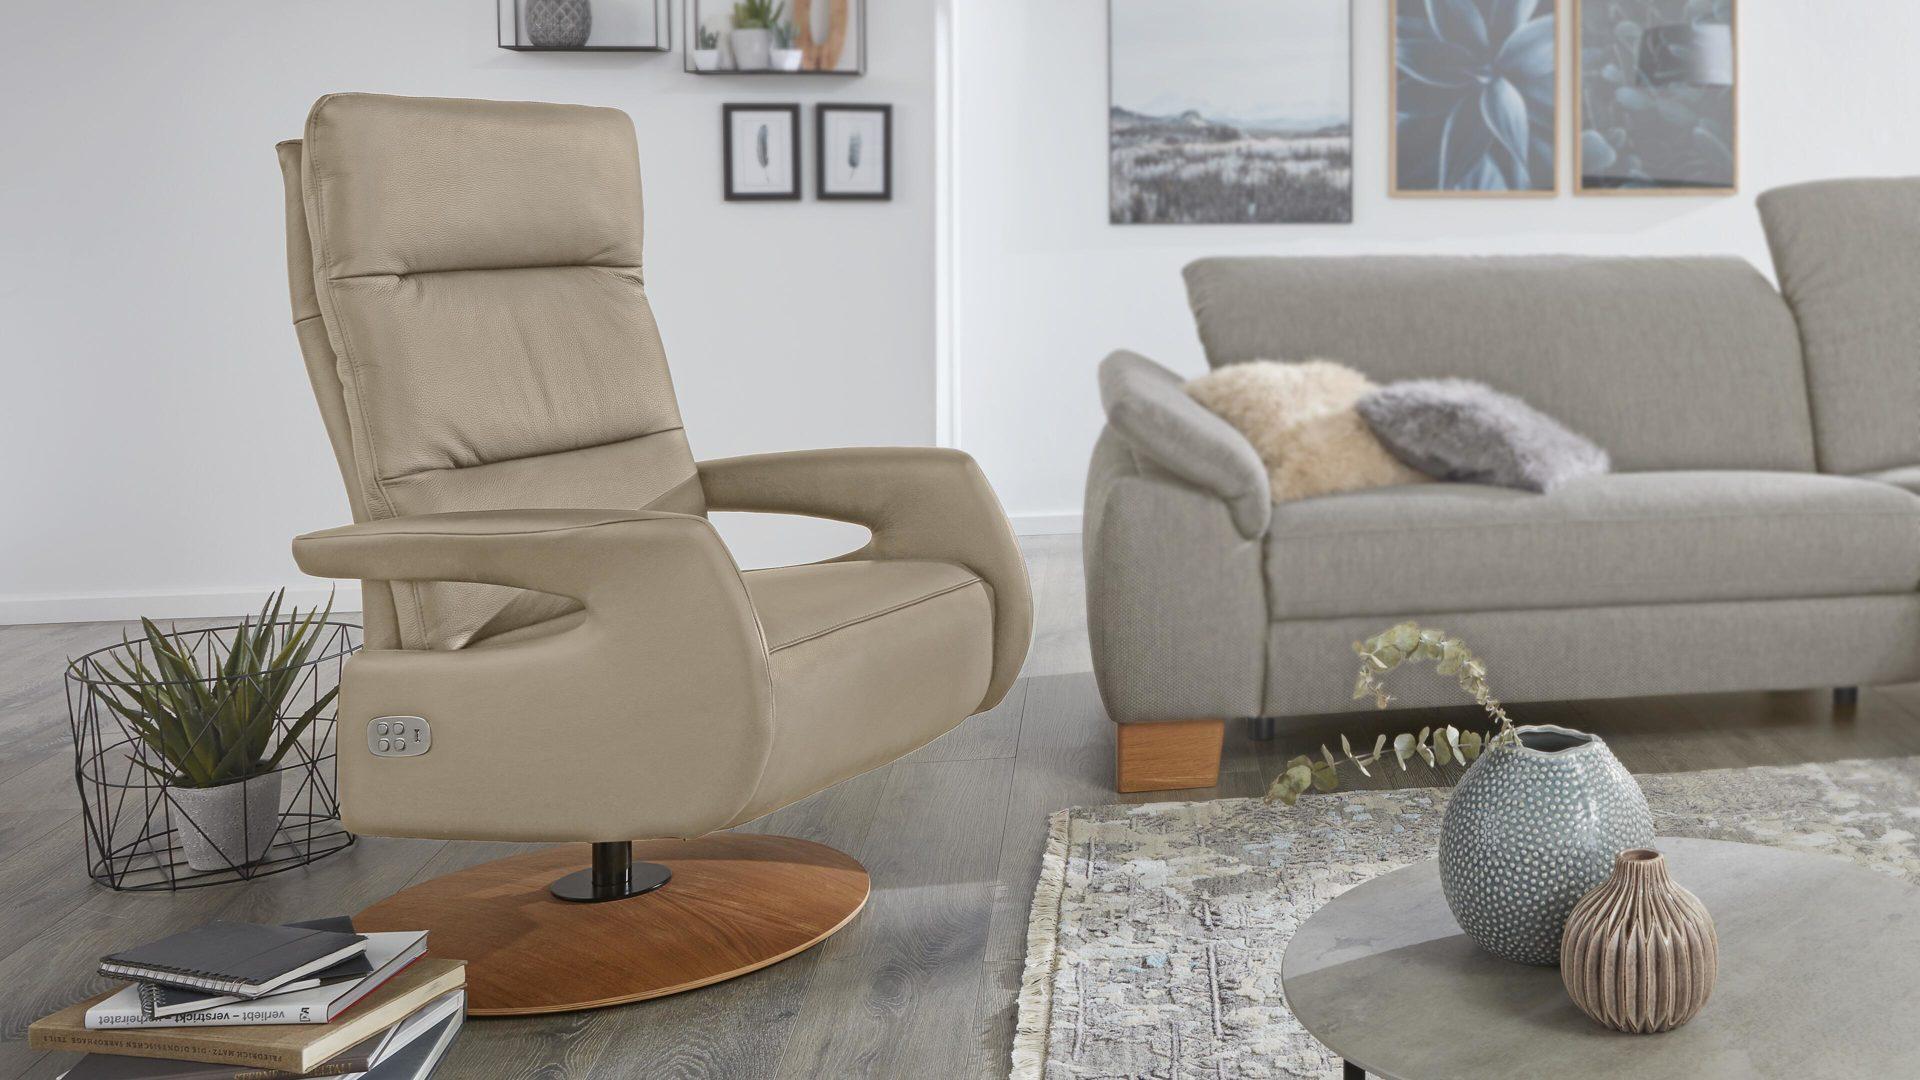 Interliving Sessel Serie 4510 Relaxsessel Perlfarbenes Leder